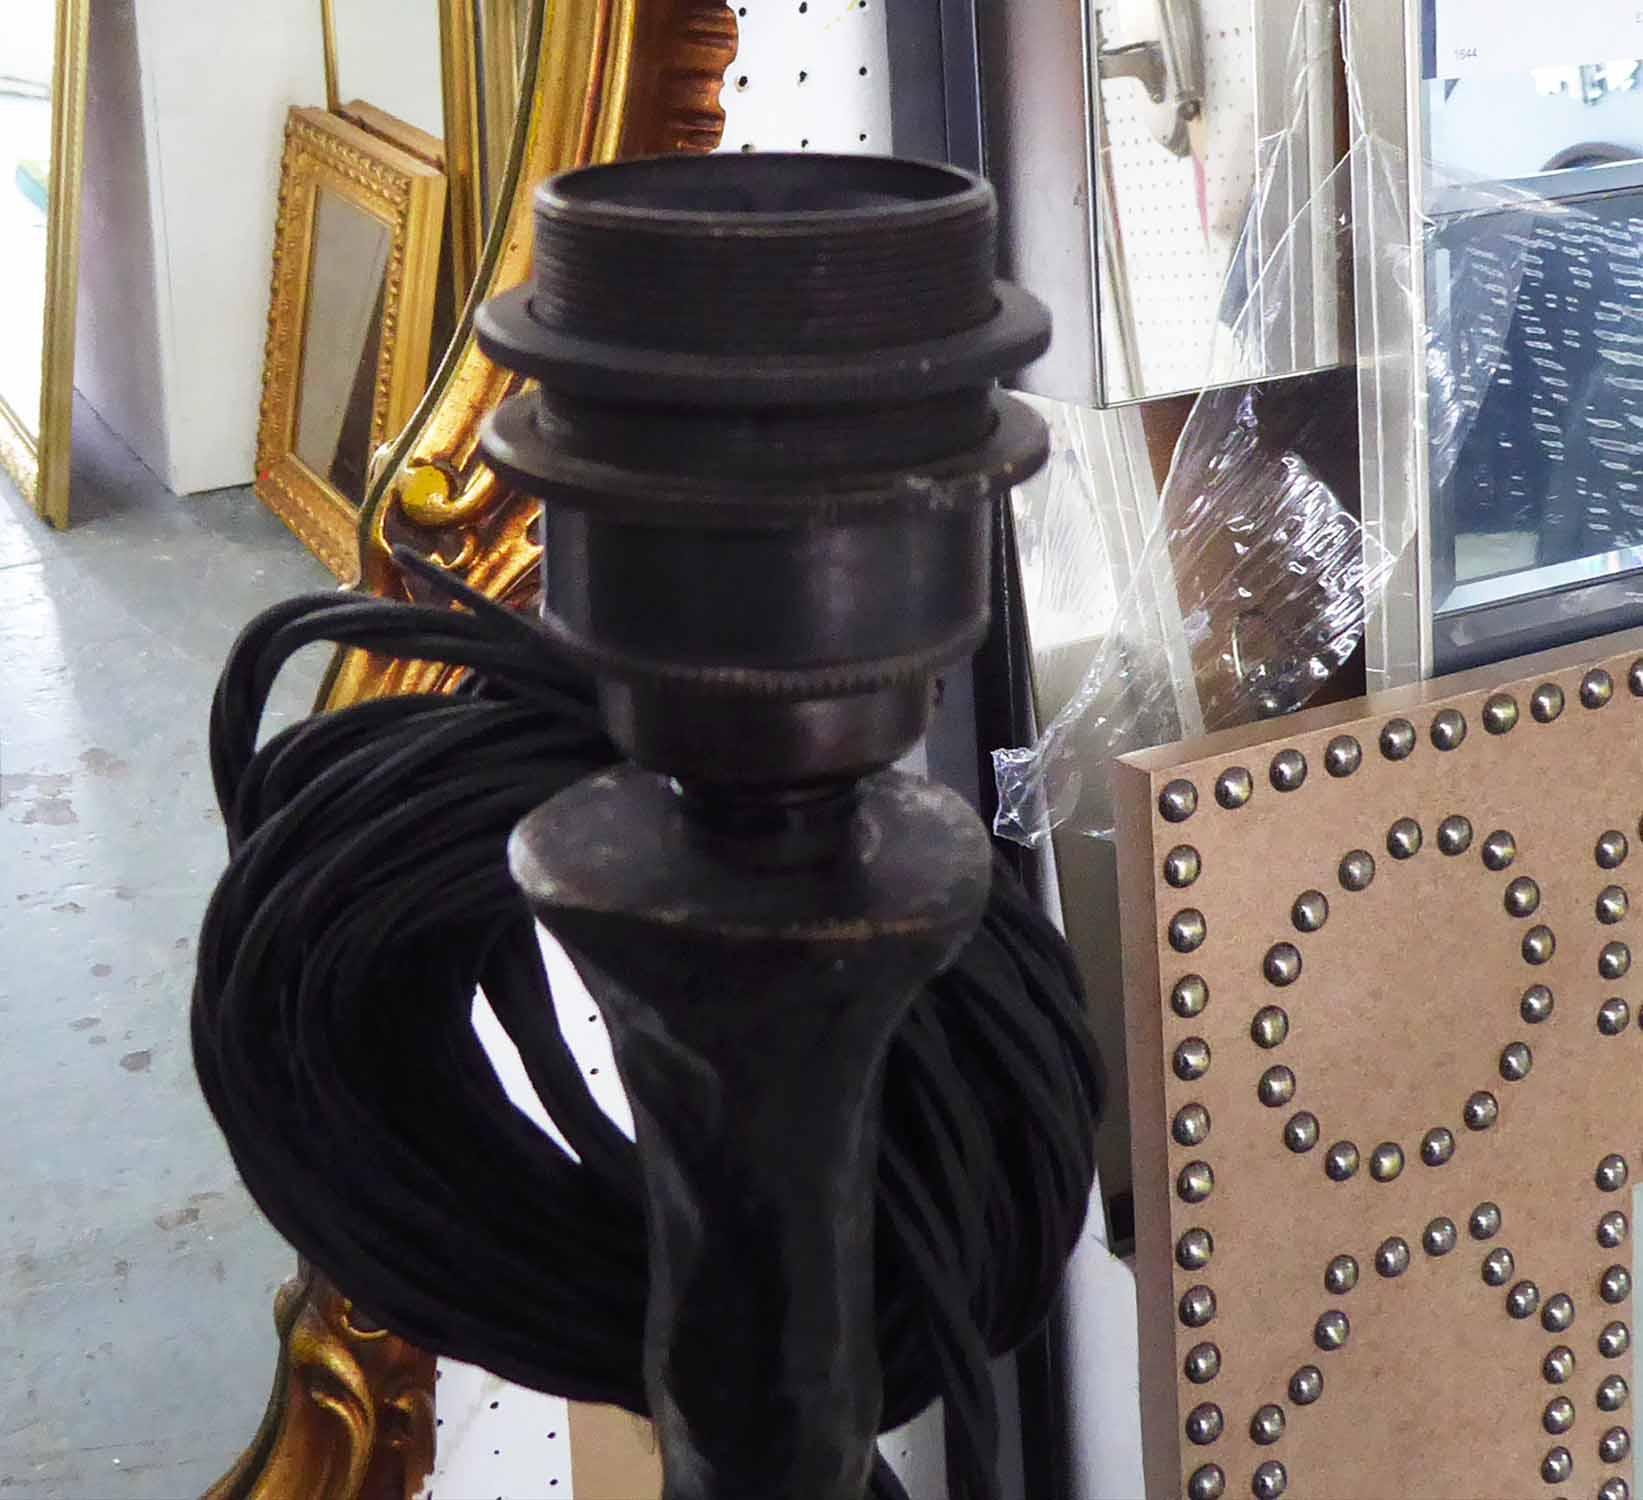 Lot 48 - WILLIAM YEOWARD CARA FLOOR LAMPS, bronze finish, 141cm H.